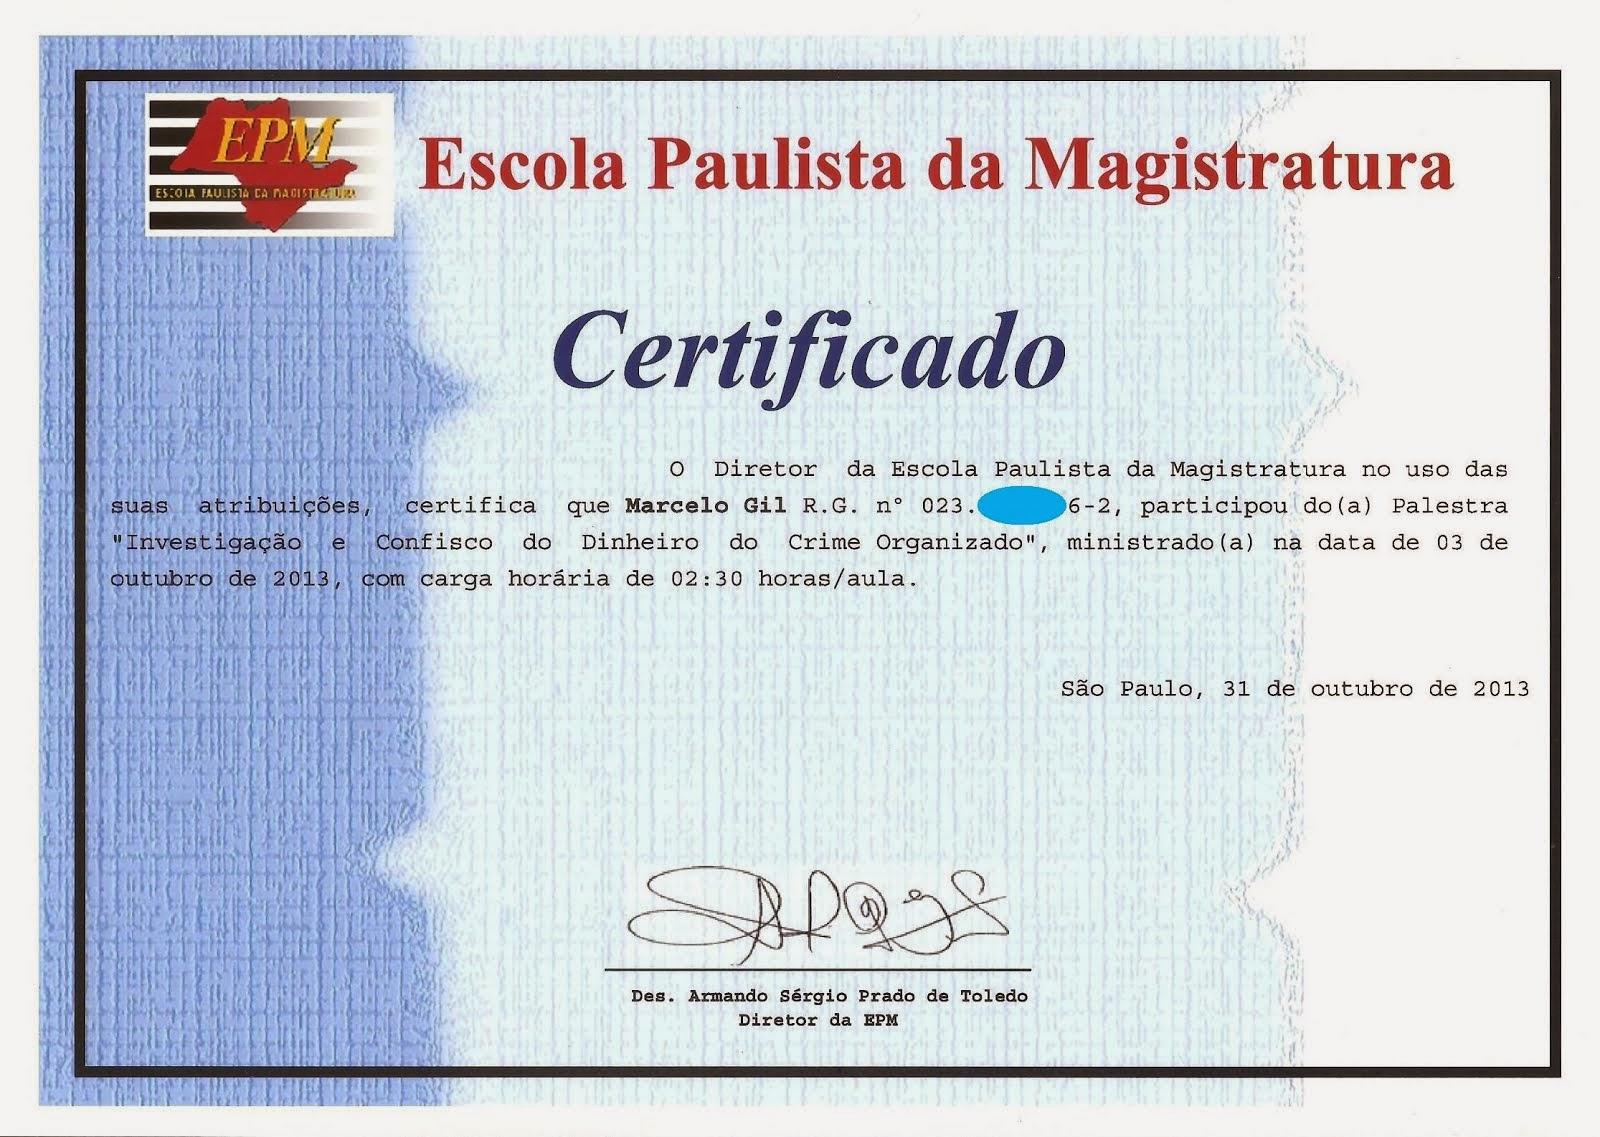 CERTIFICADO DE PARTICIPAÇÃO DE PALESTRA NA ESCOLA PAULISTA DE MAGISTRATURA - 2013